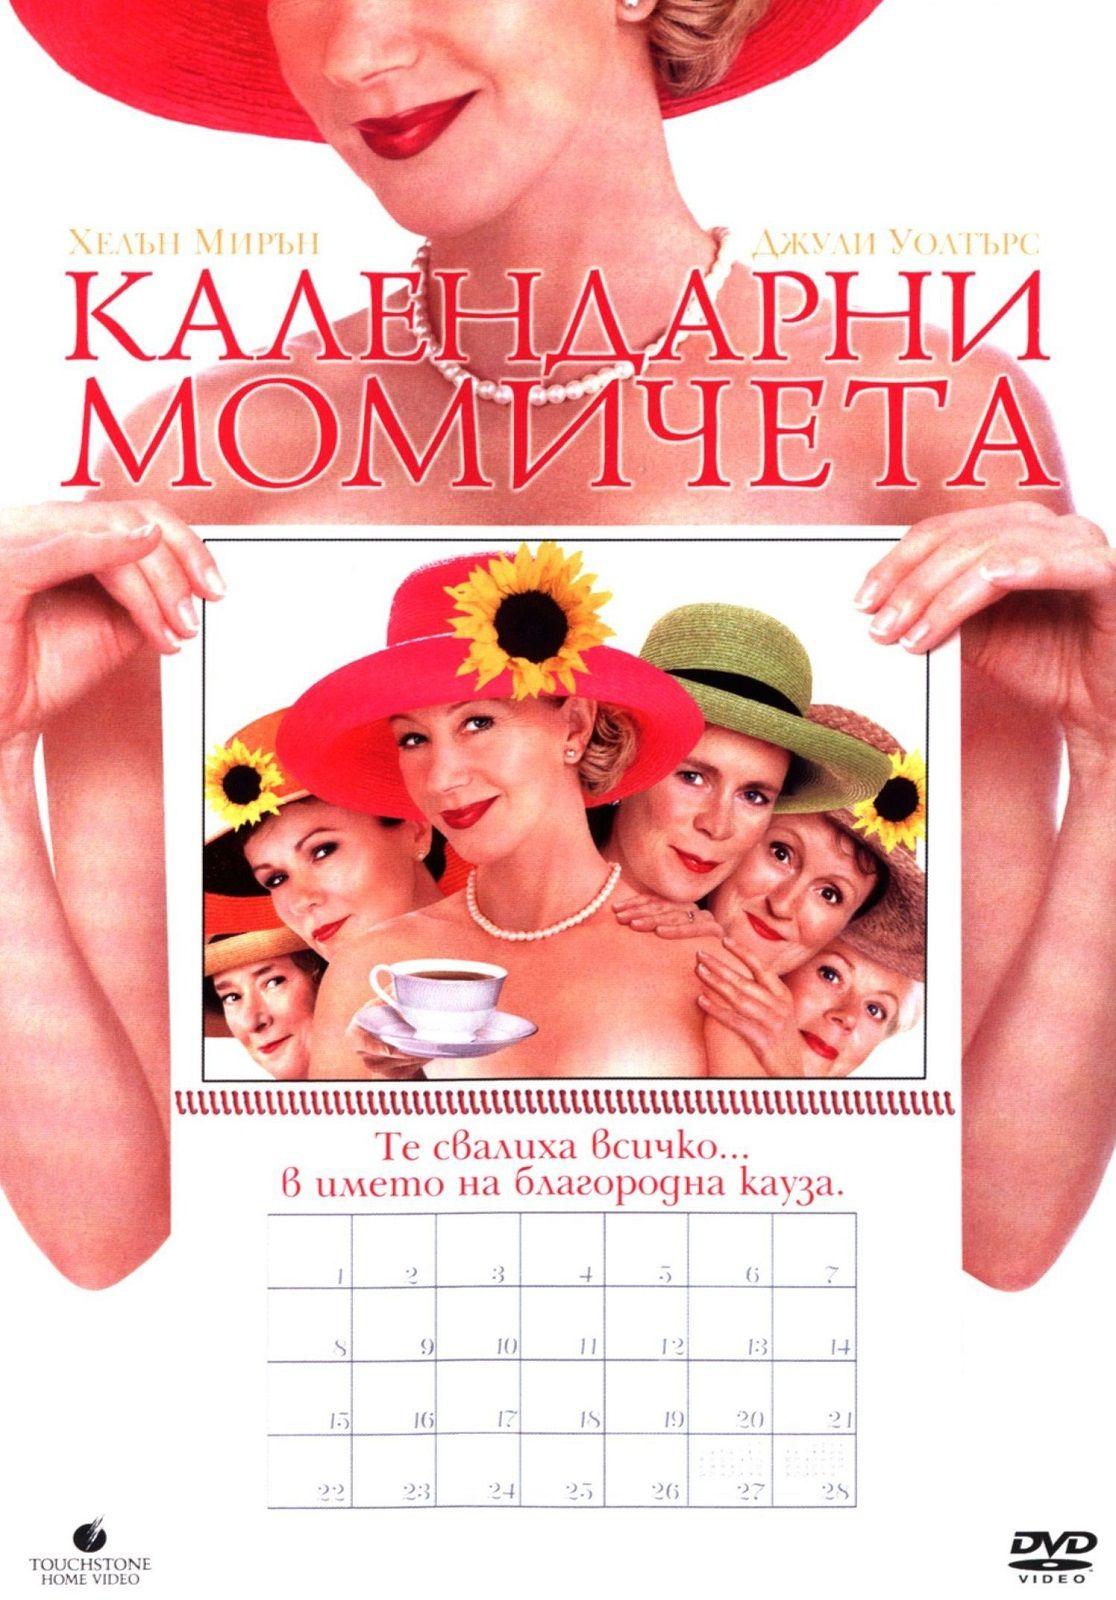 Календарни момичета (DVD) - 1